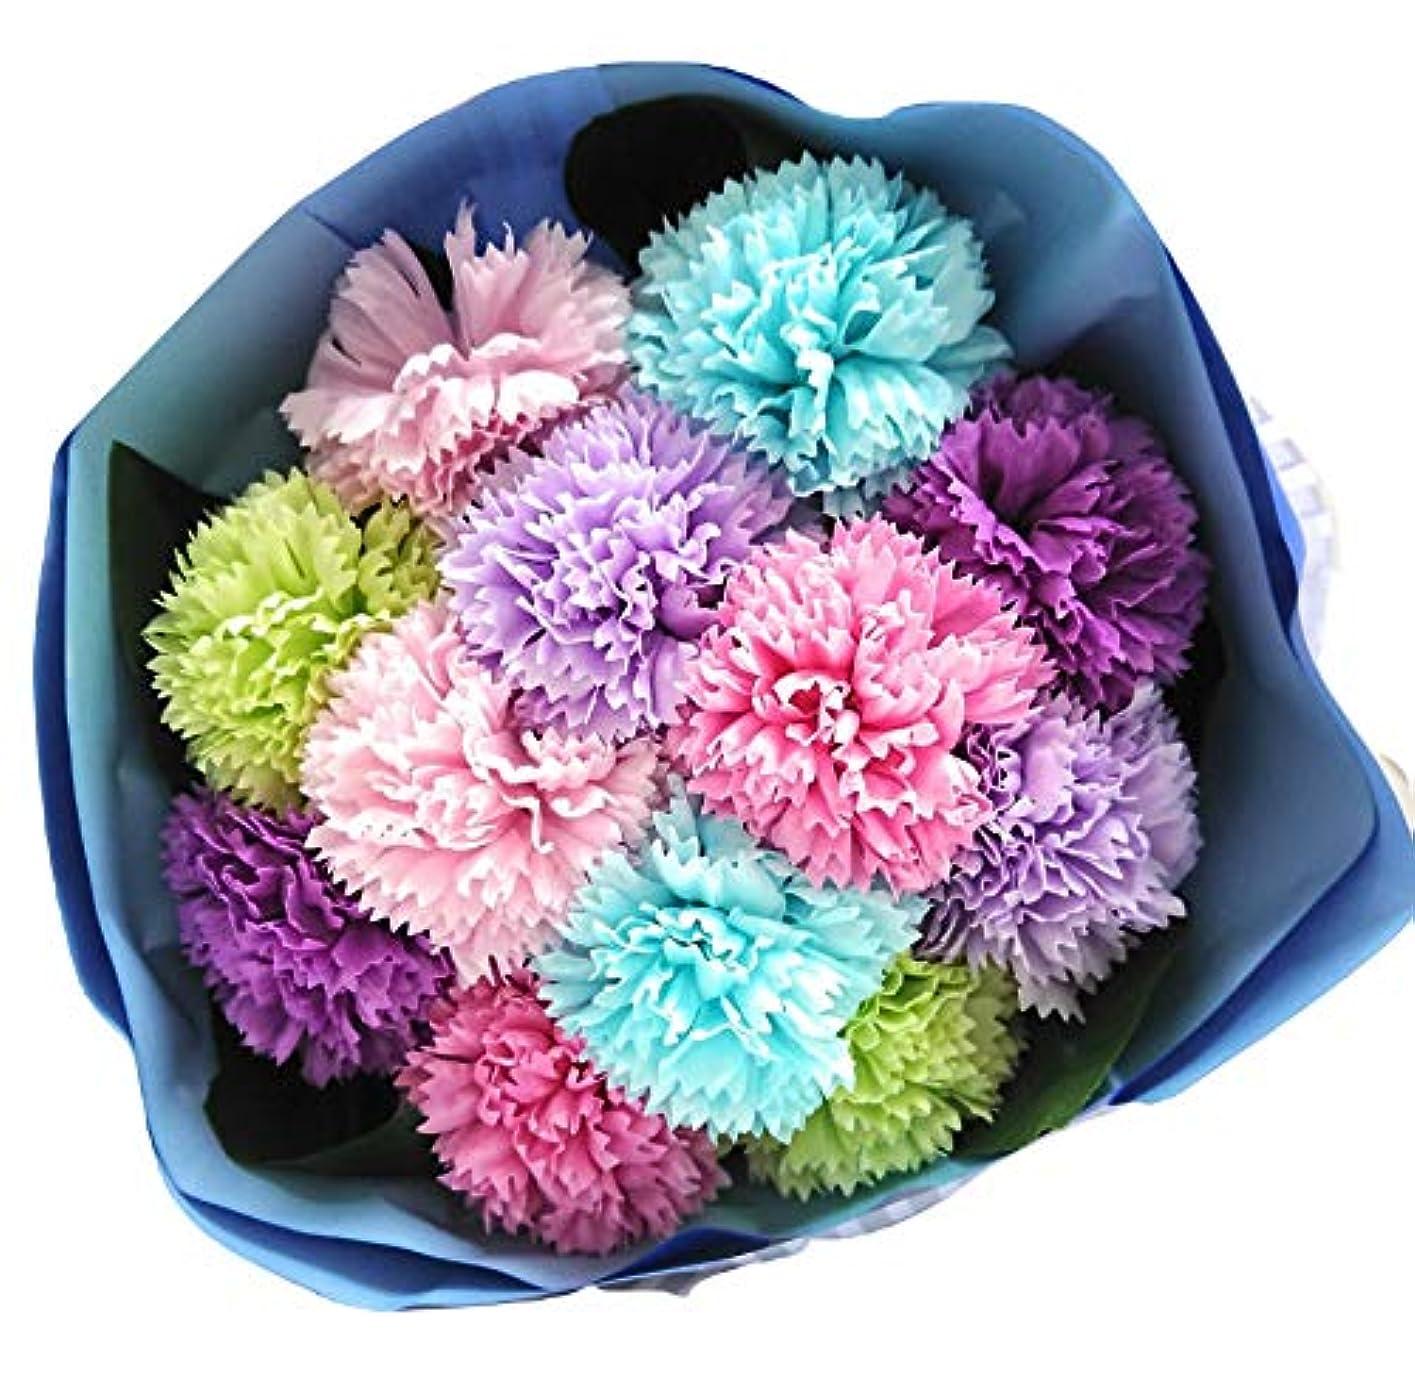 インカ帝国スティック守るバスフレグランス バスフラワー カーネーションブーケ 母の日 ギフト お花の形の入浴剤 (MIX)